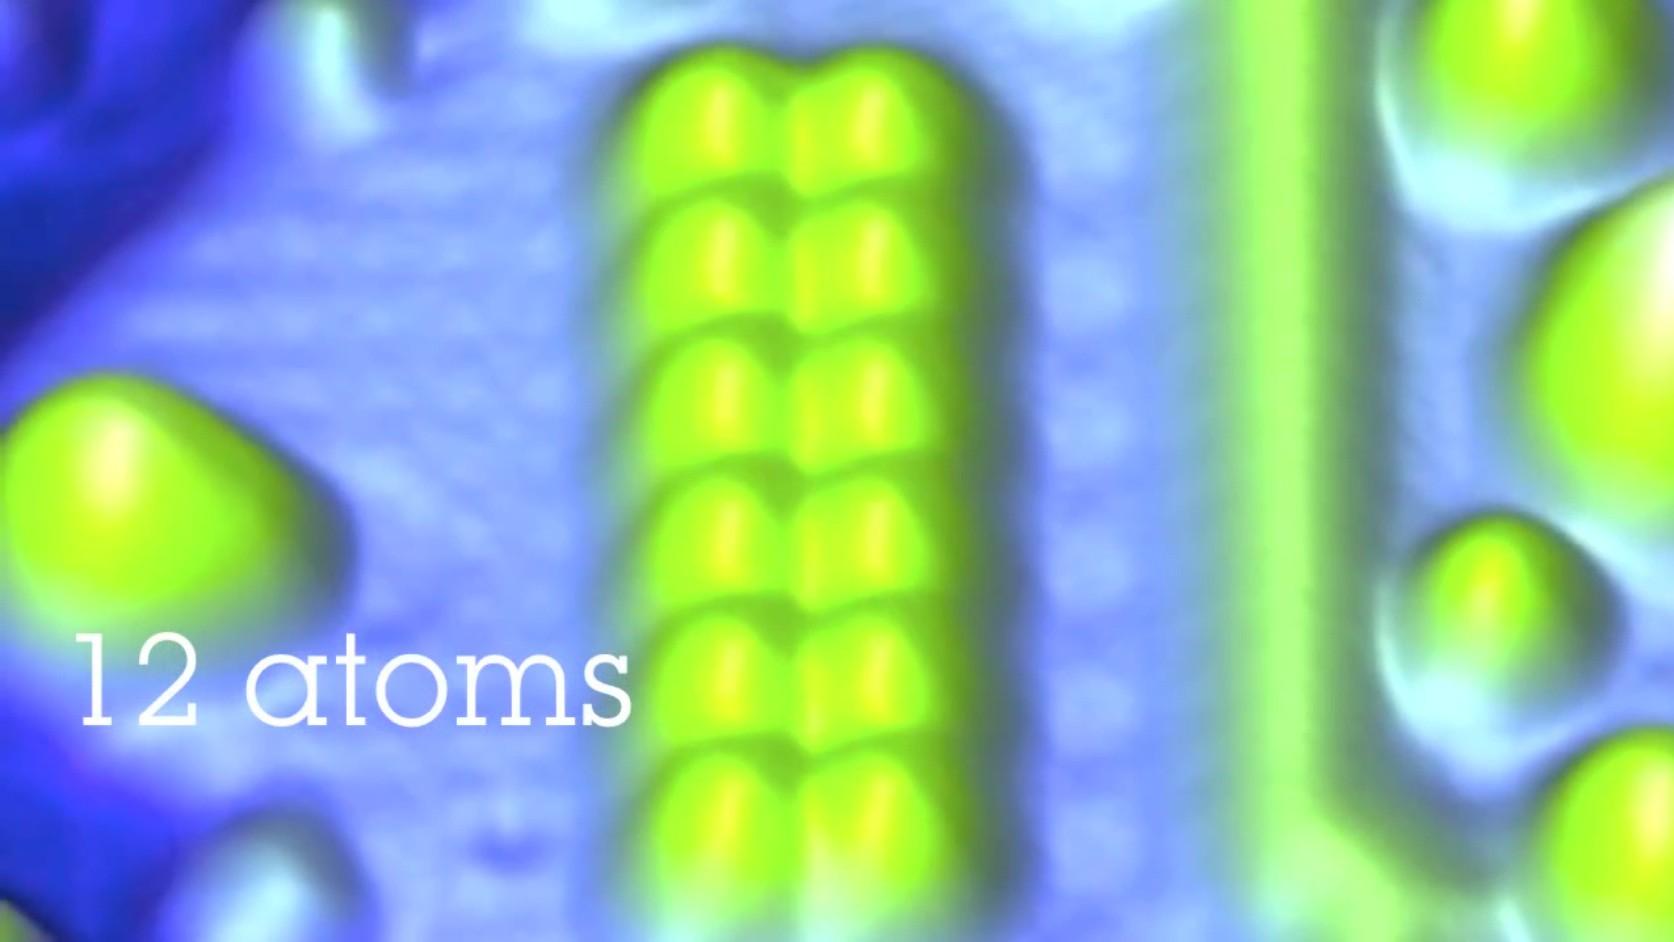 Extreme Speicherdichte: IBM speichert 1 Bit in nur 12 Atomen - IBM speichert 1 Bit in 12 magnetischen Atomen, ...